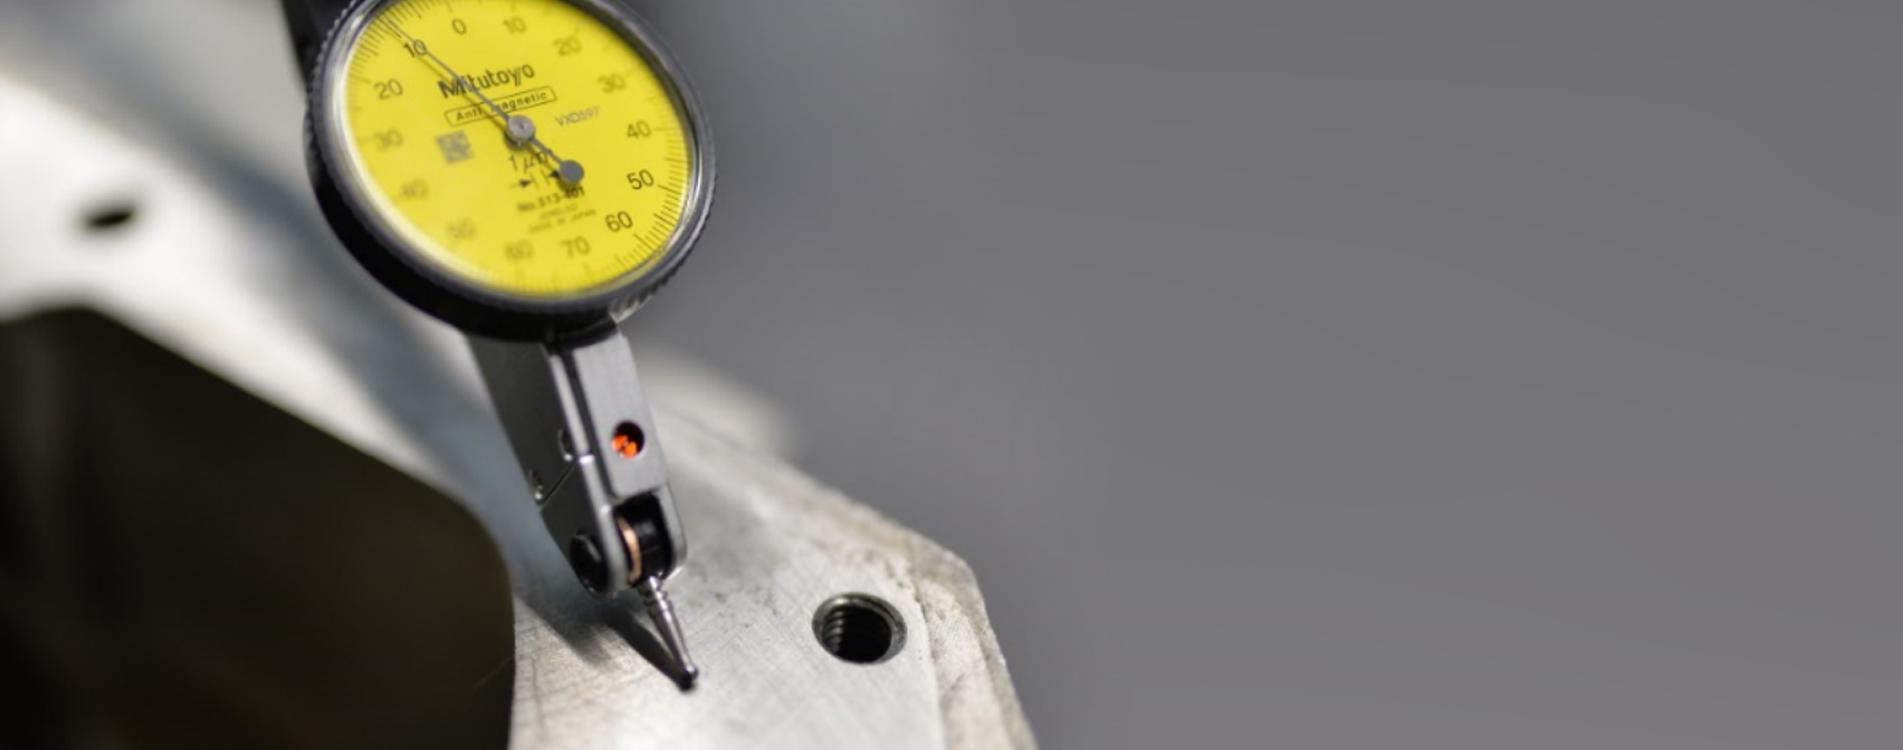 tgemme-service-riparazione-elettromandrini